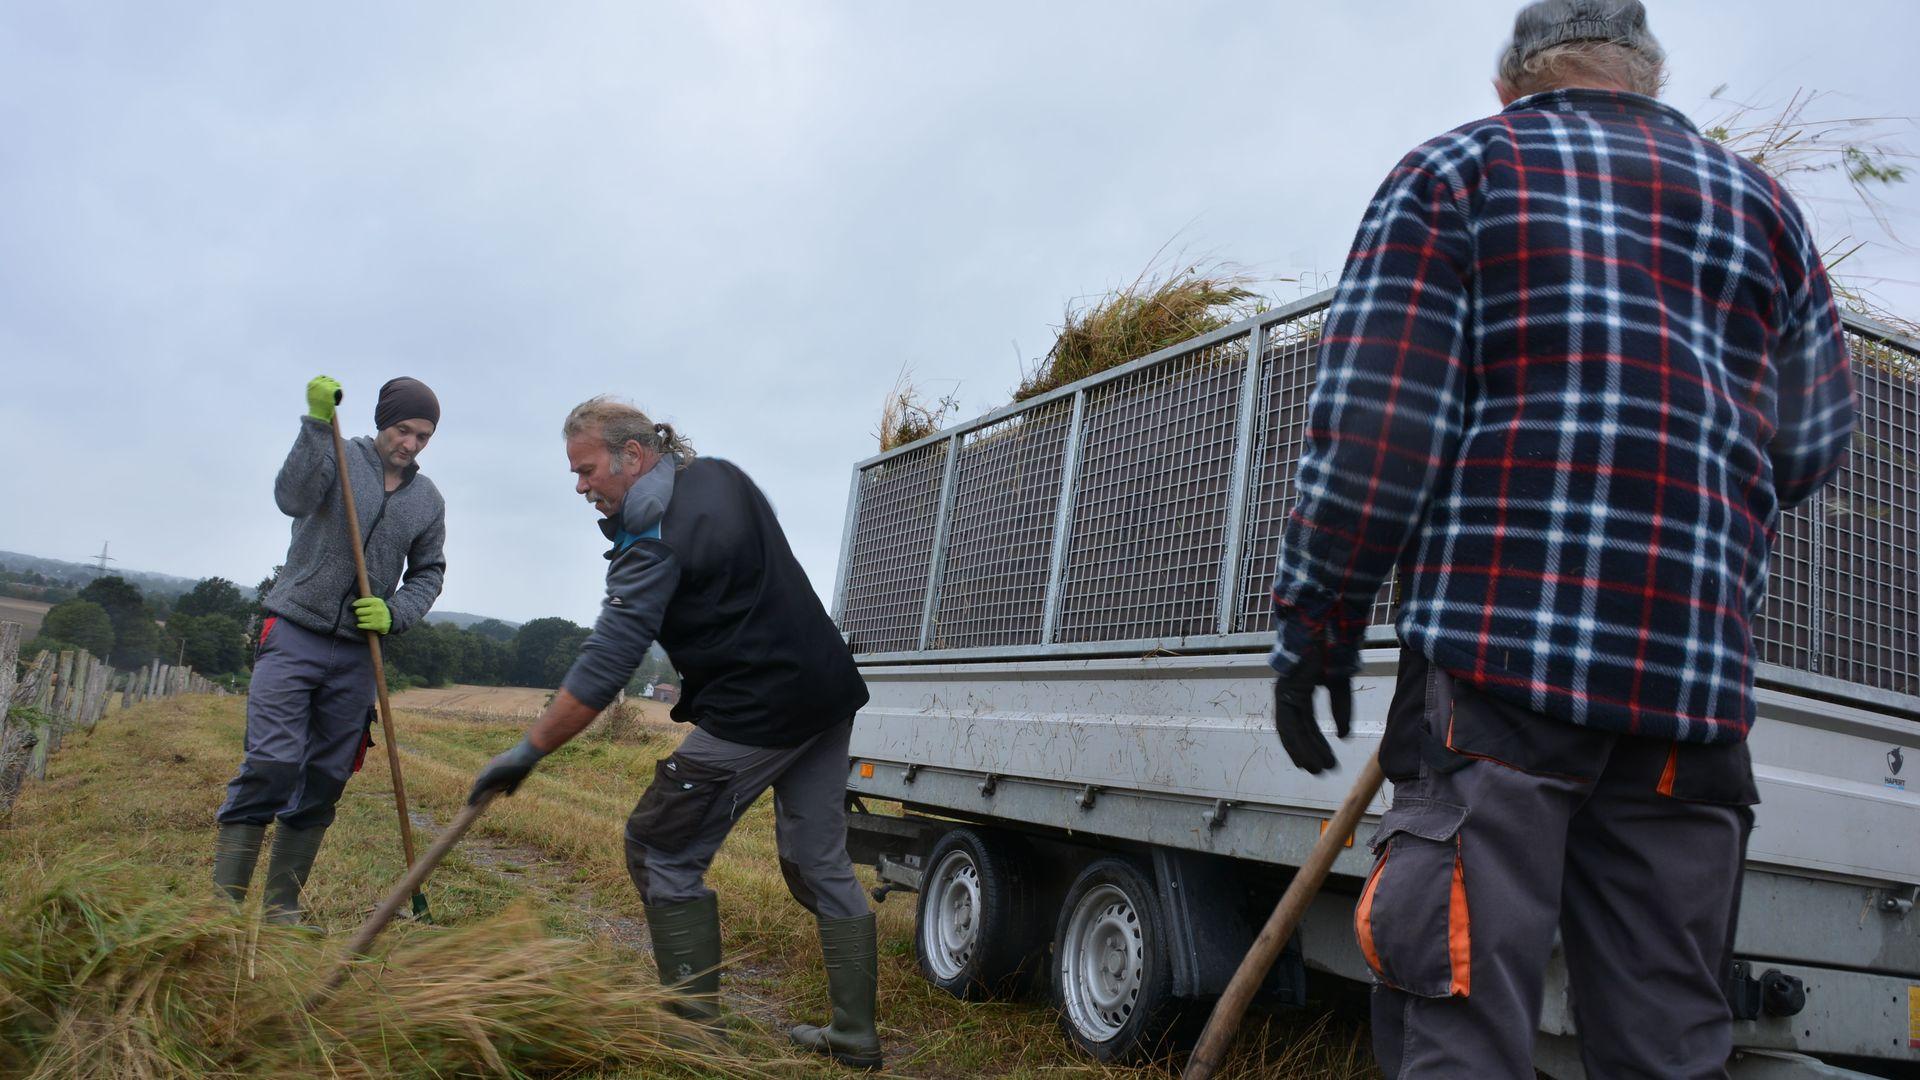 Die Mitarbeiter der Einsatzgruppe Naturschutz verladen das Mahdgut auf den Hänger. Foto wfc